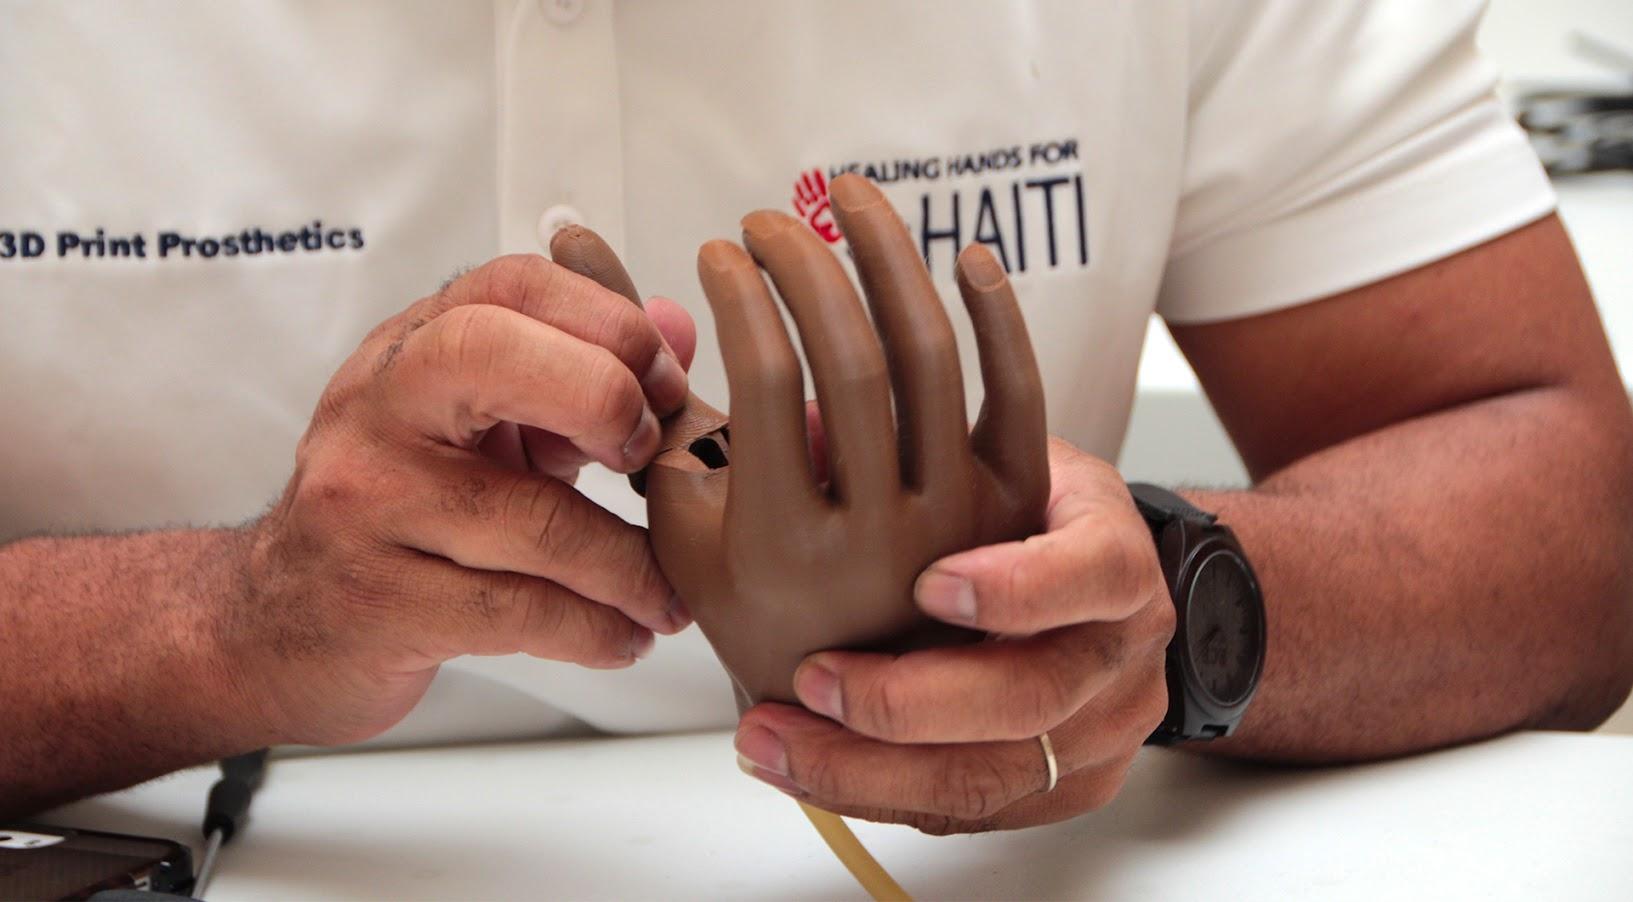 Трехмерное протезирование улучшает жизнь в самых бедных регионах мира